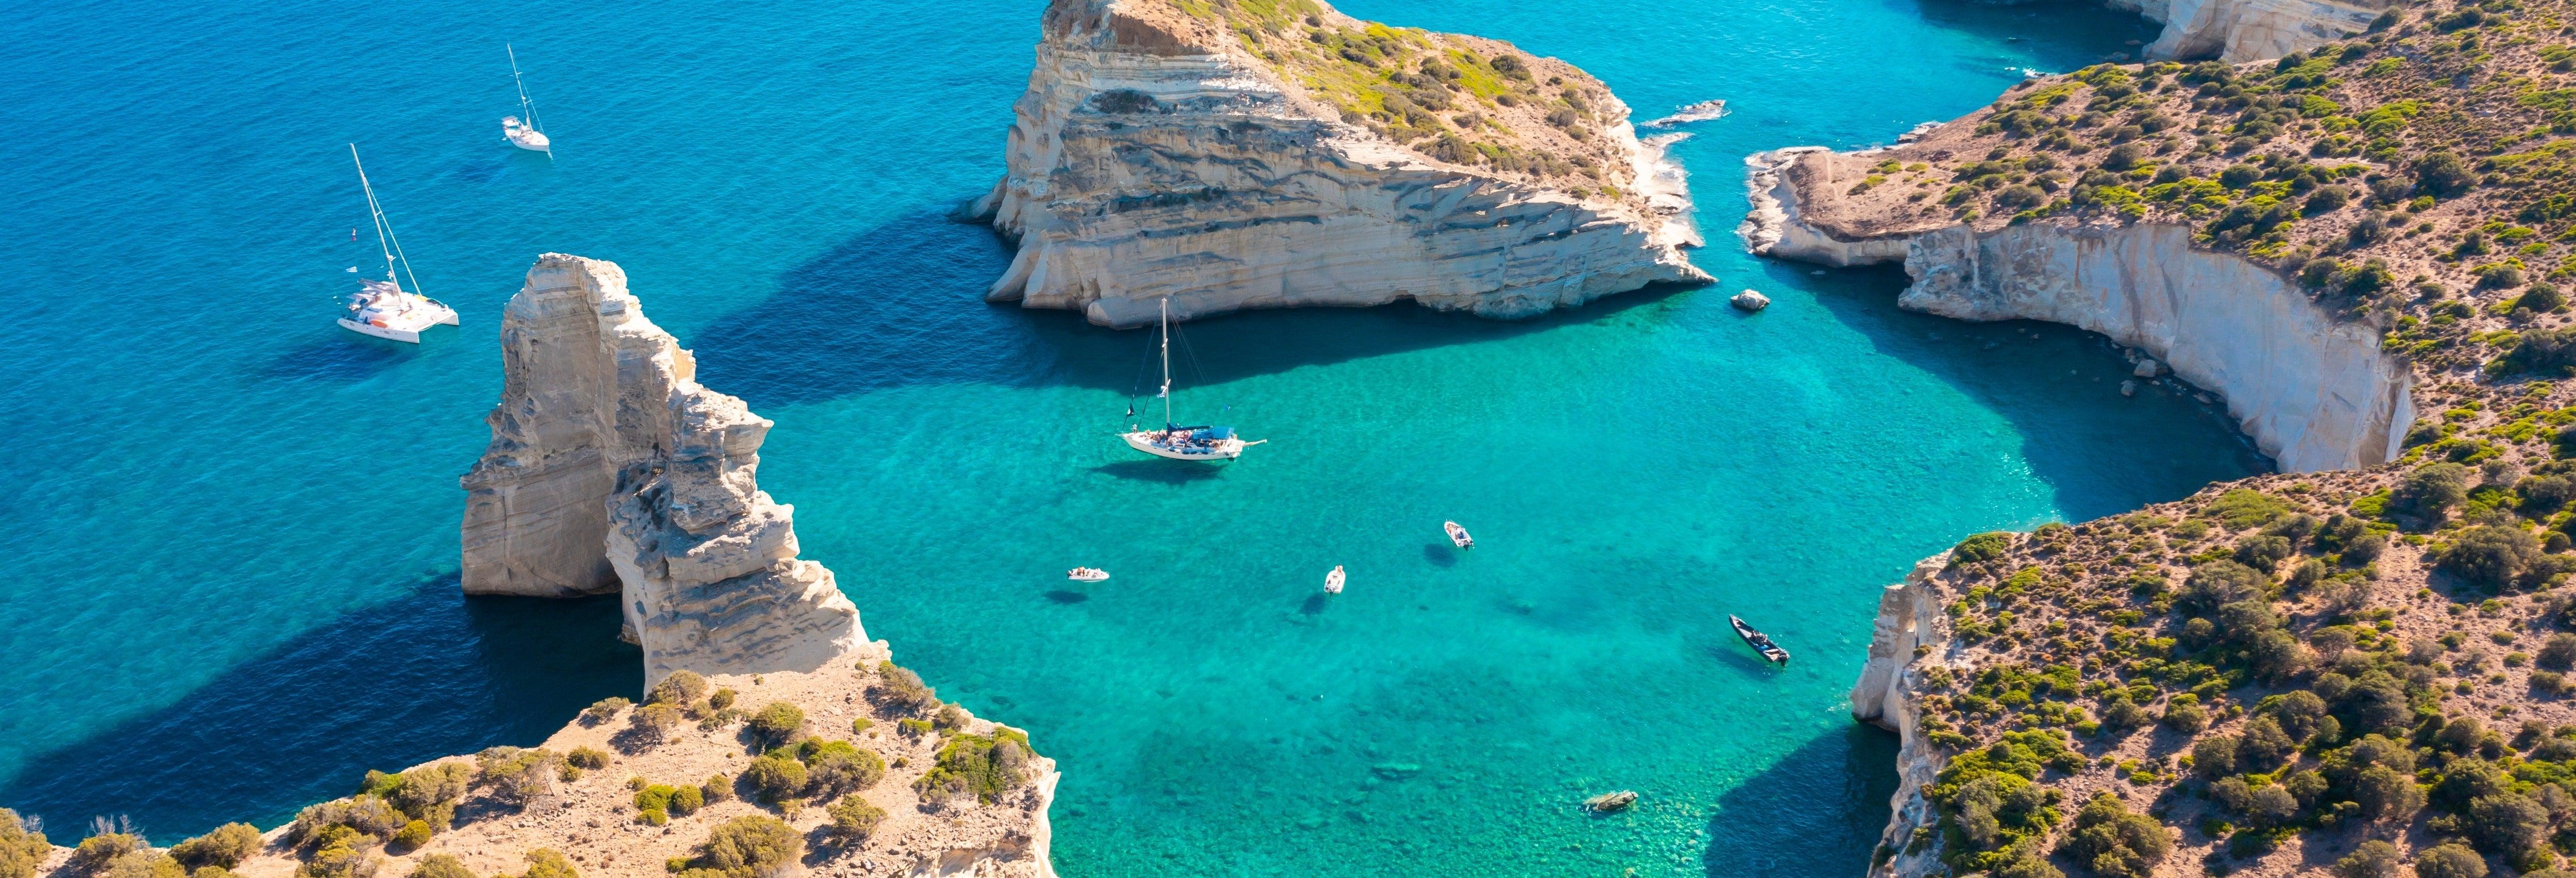 Excursión a Kleftiko y Agios Dimitrios en velero